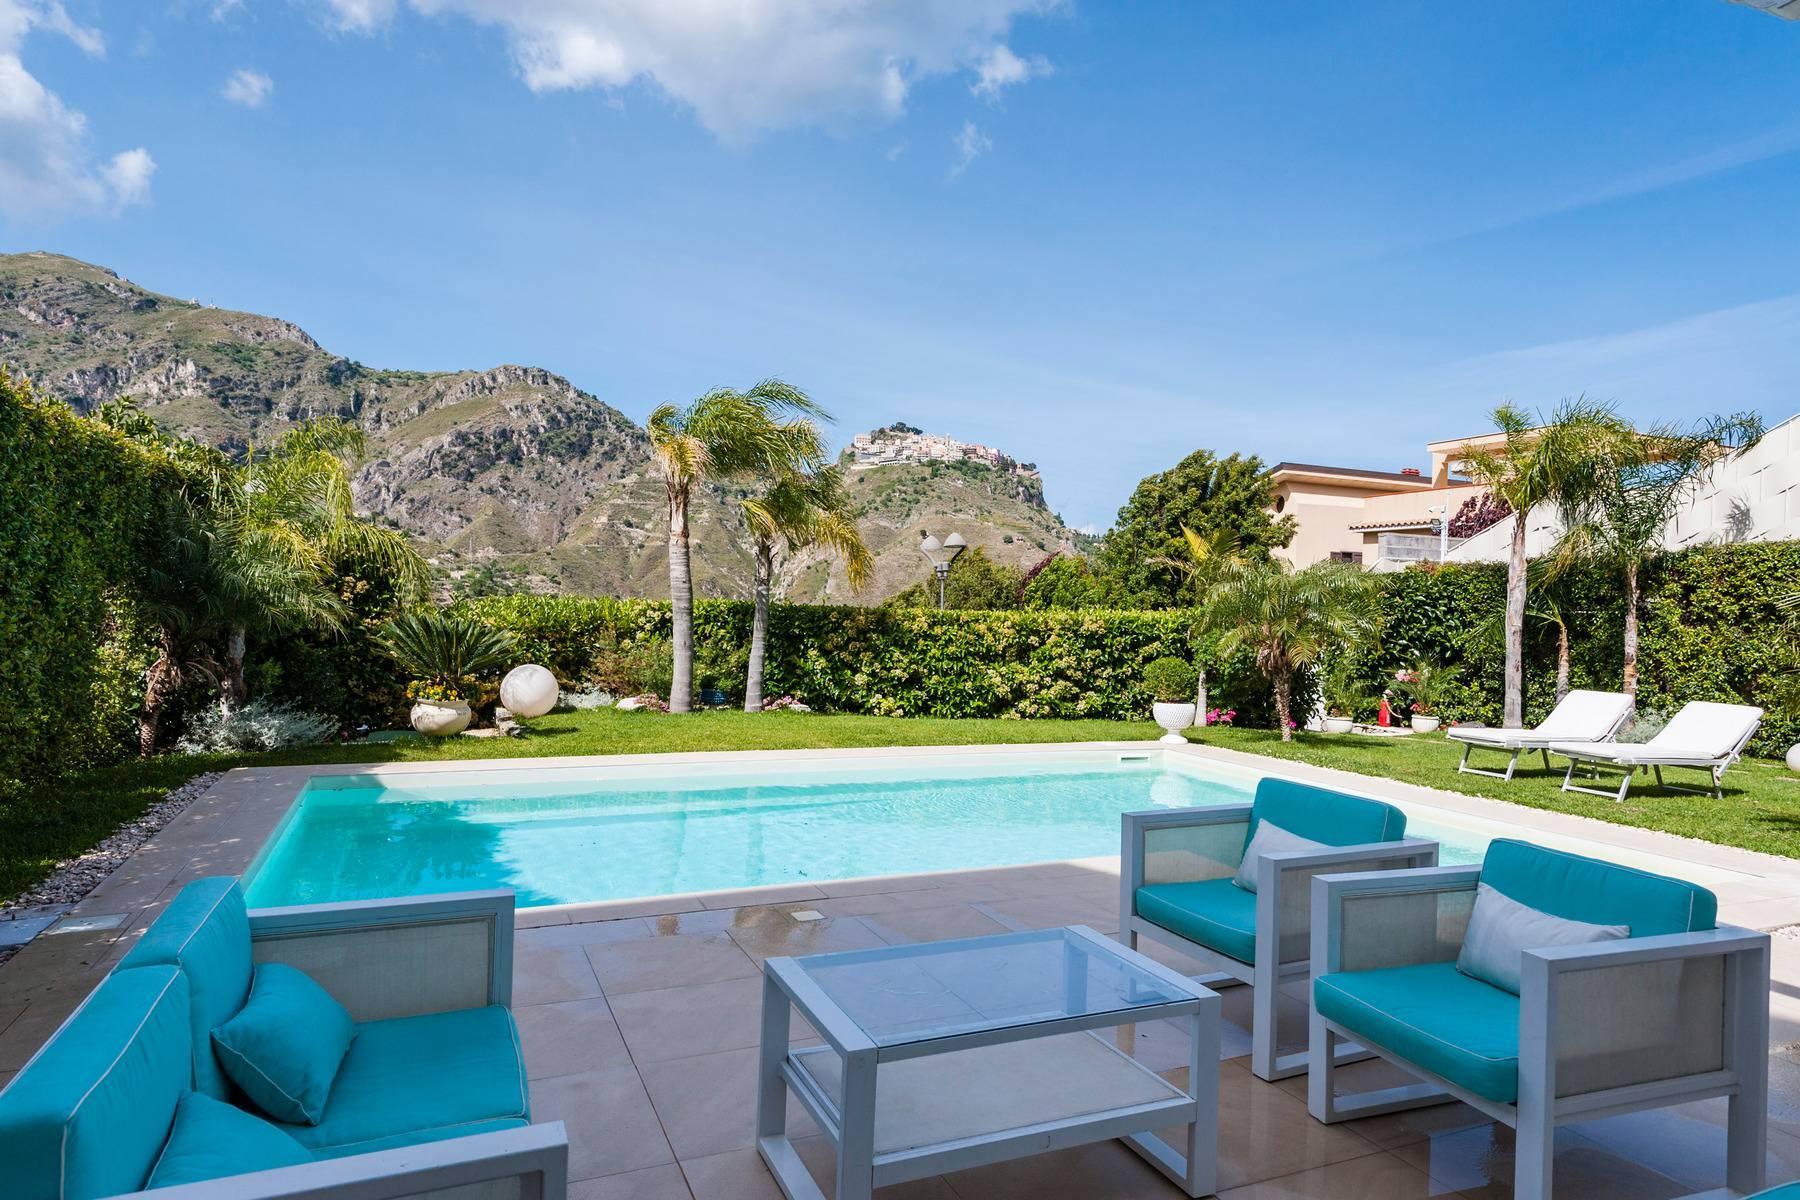 Modern villa with swimming pool in Taormina - 7